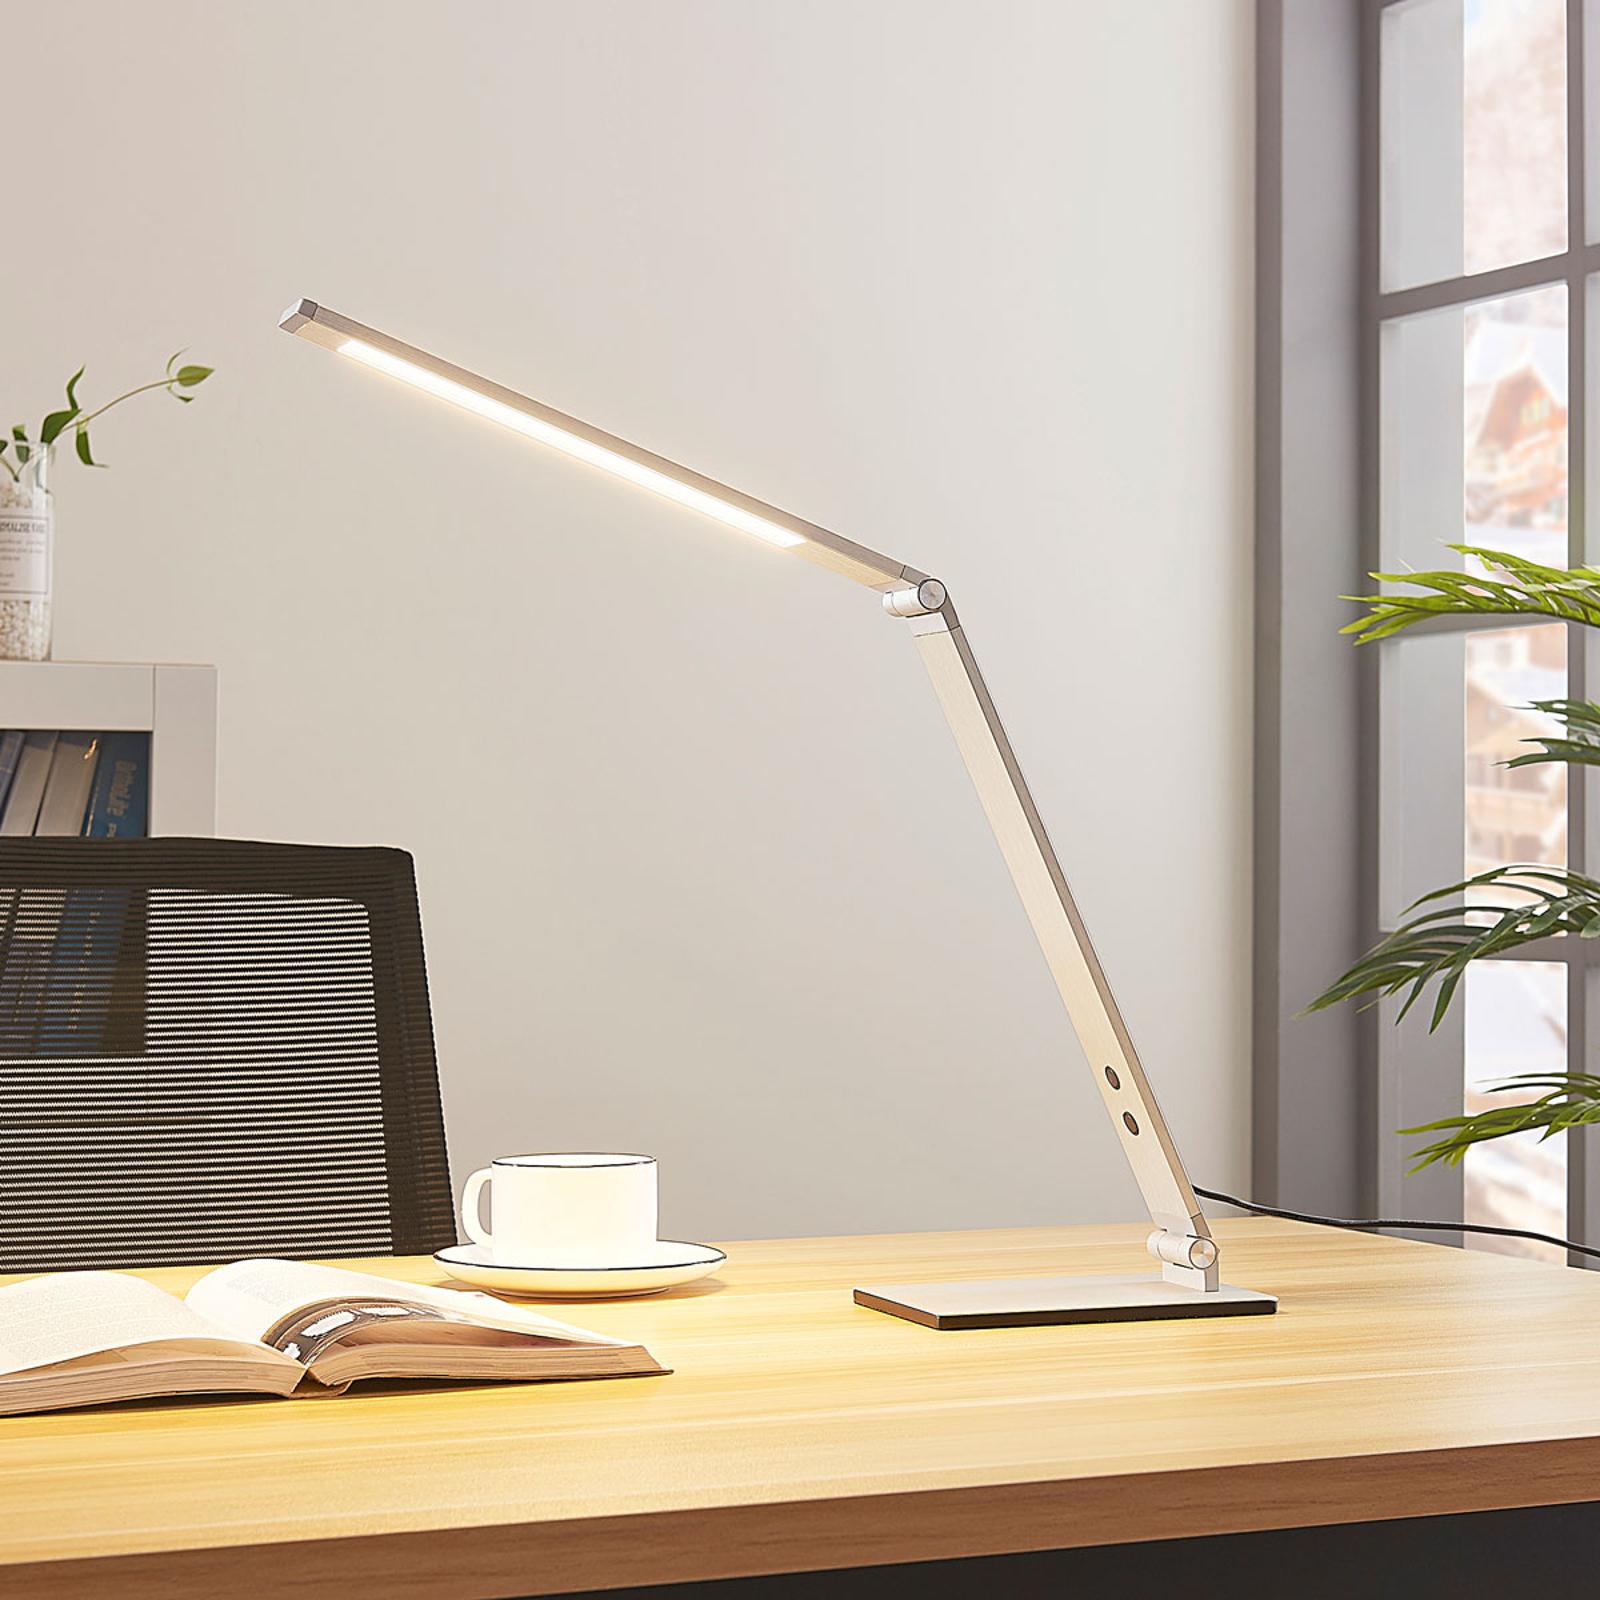 Aluminium-LED skrivbordslampa Nicano med dimmer